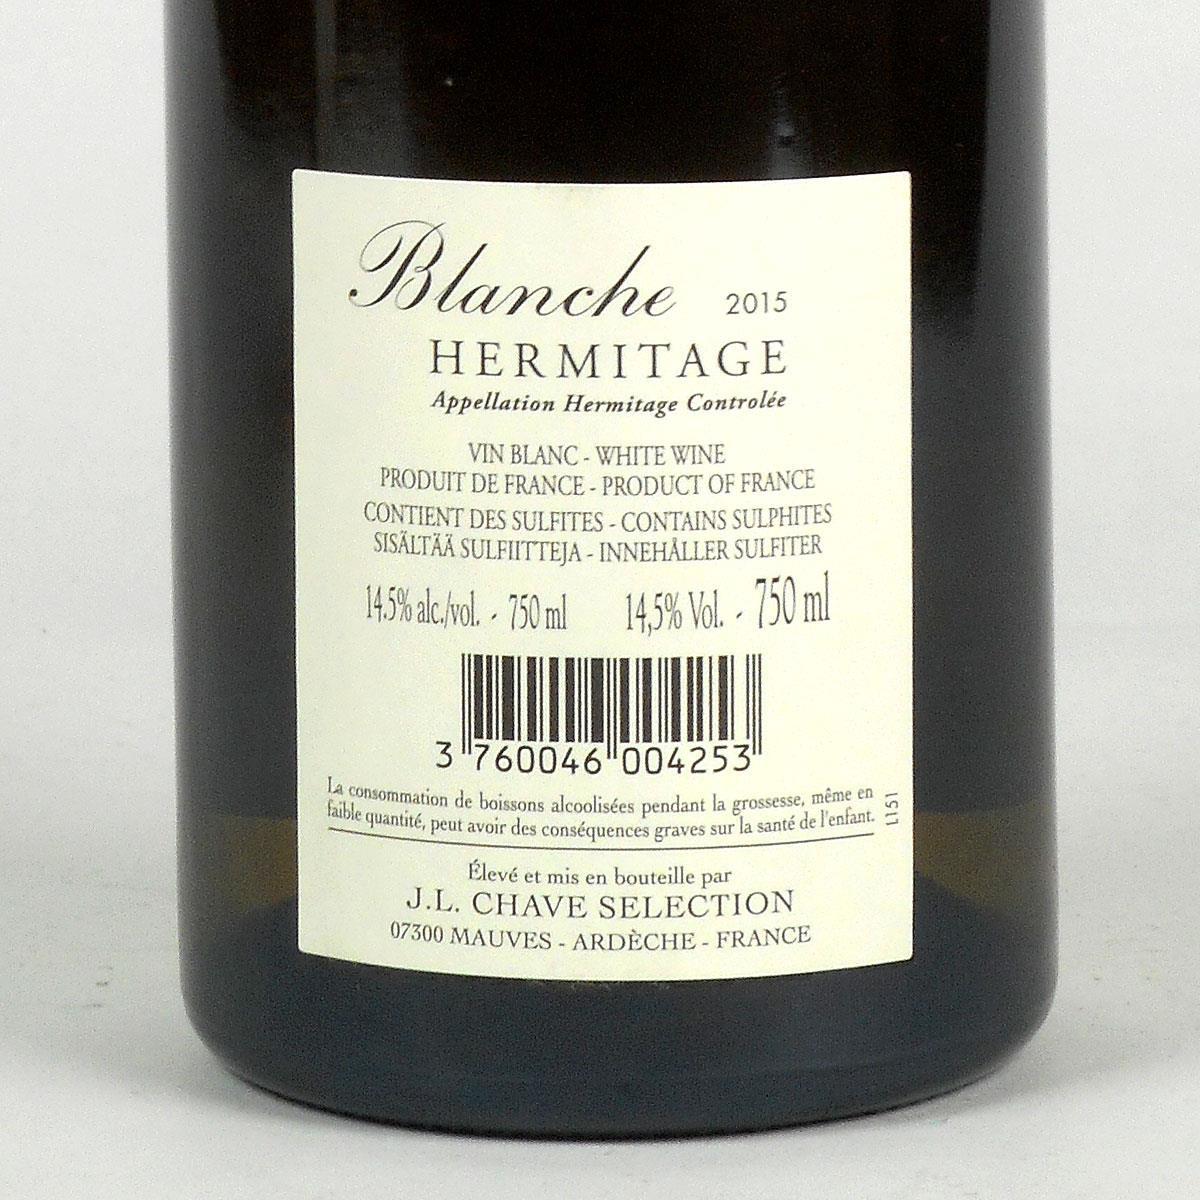 Hermitage: Jean-Louis Chave Sélection 'Blanche' 2015 - Bottle Rear Label